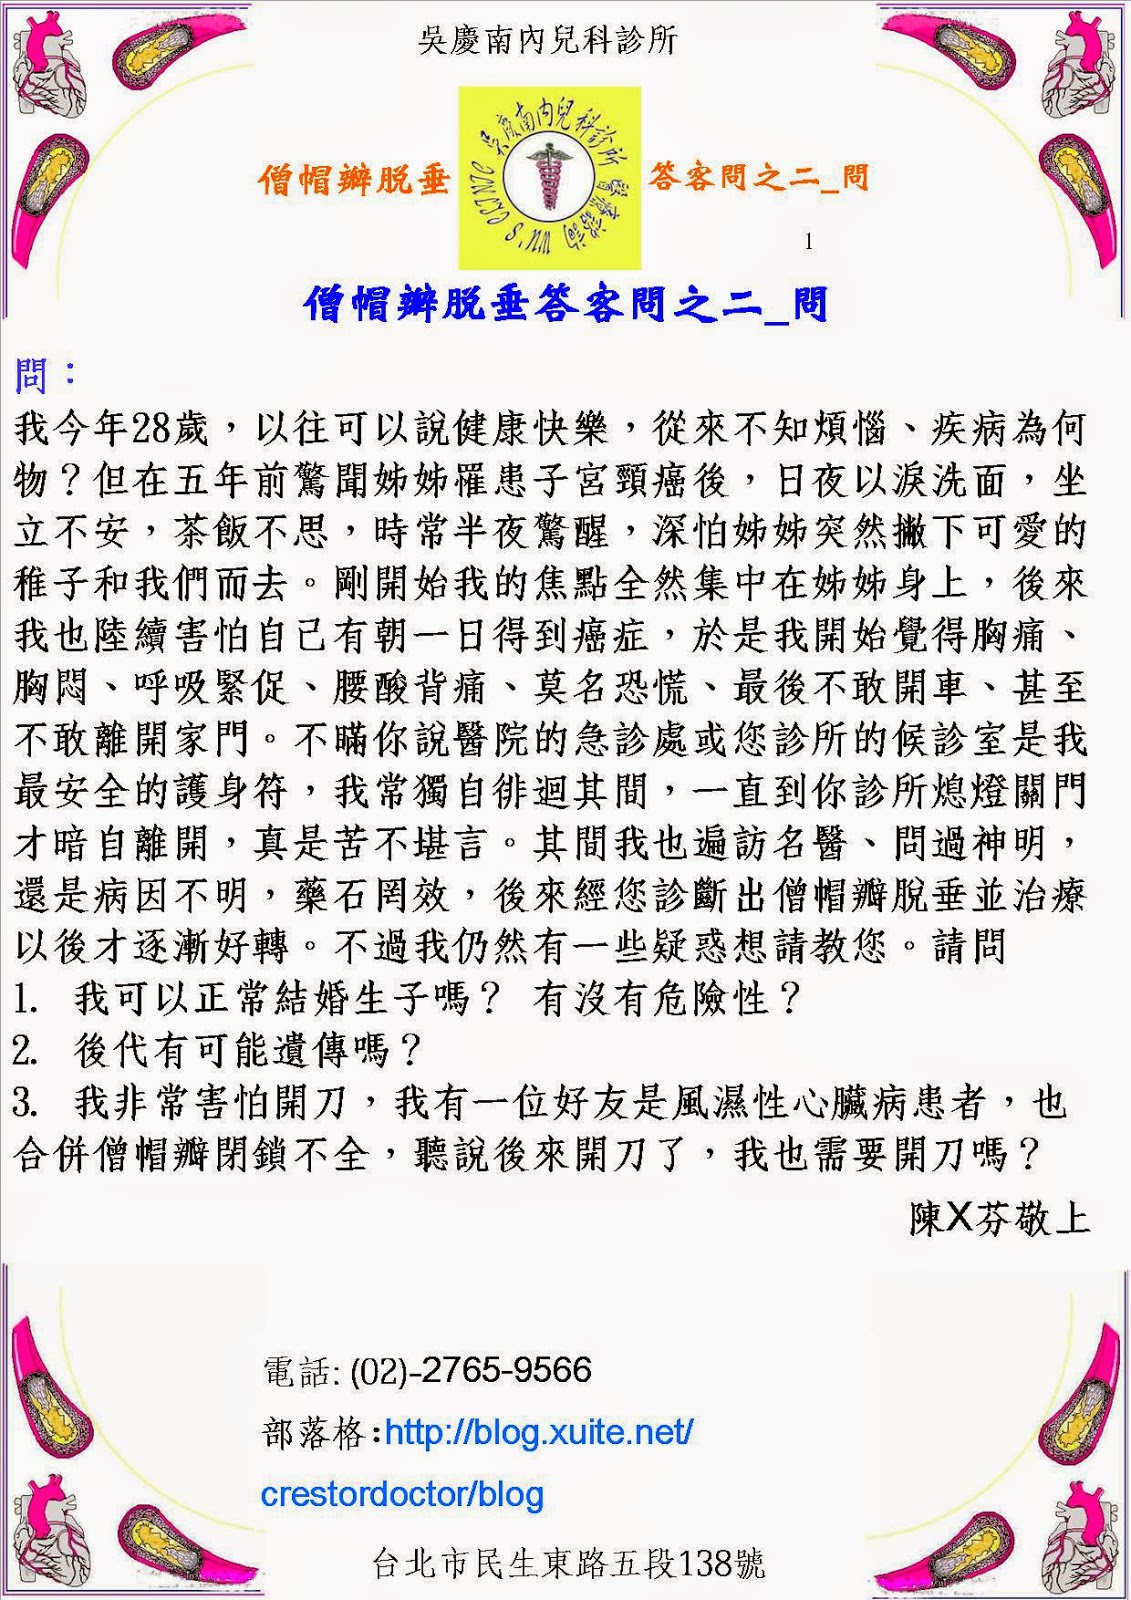 僧帽瓣脫垂(二尖瓣脫垂)網誌_吳慶南內兒科診所